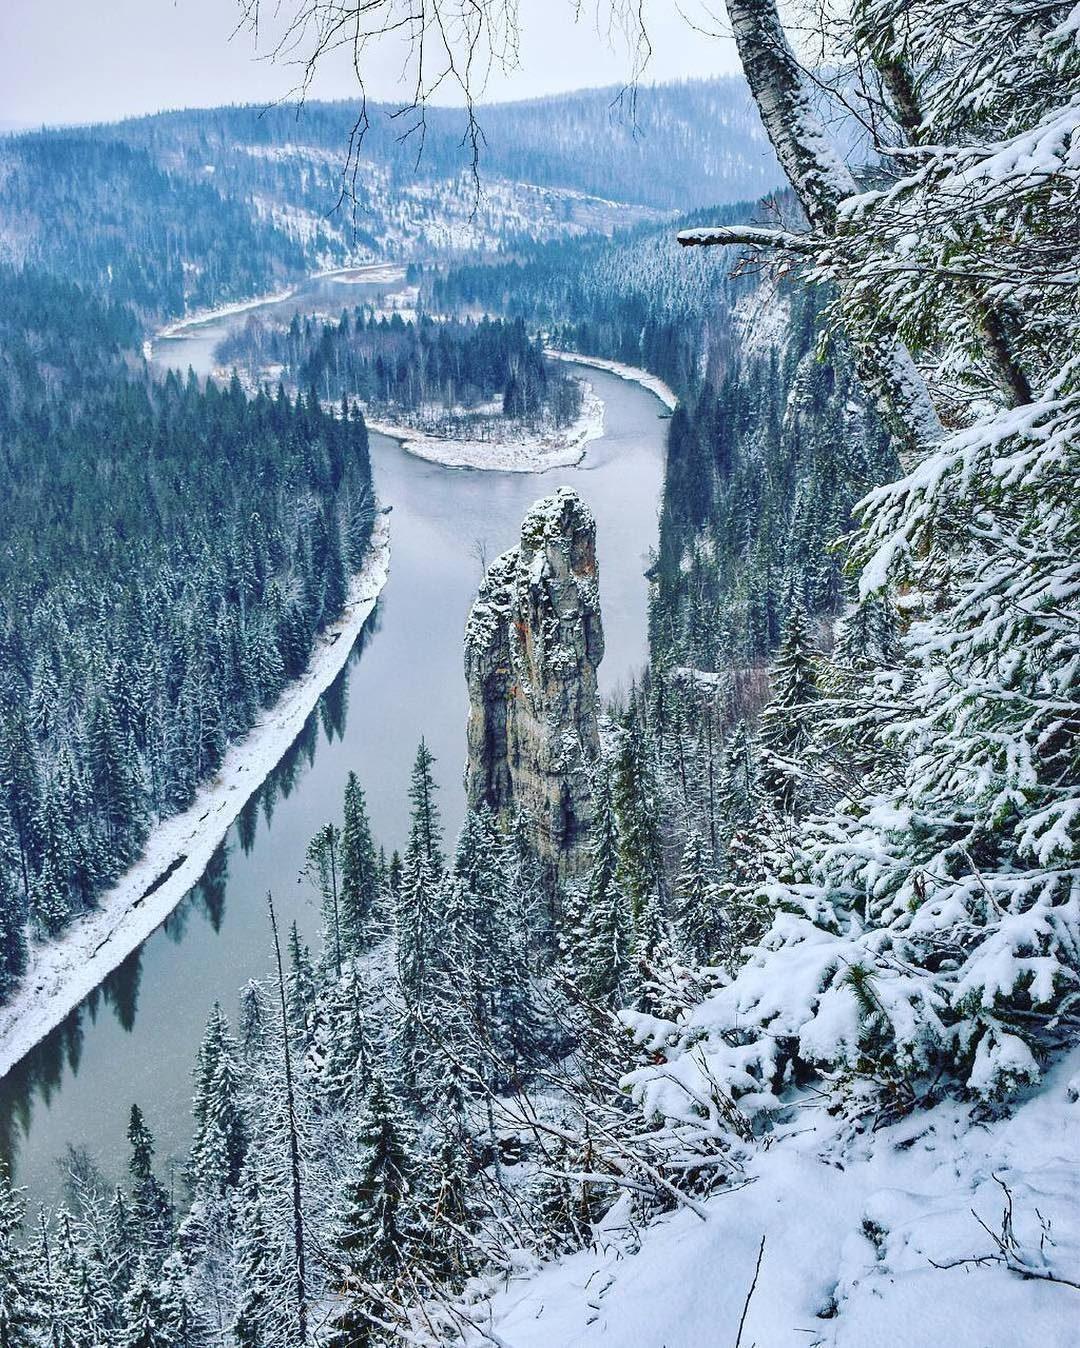 Скала Чёртов палец на реке Усьва, Пермский край, Россия.